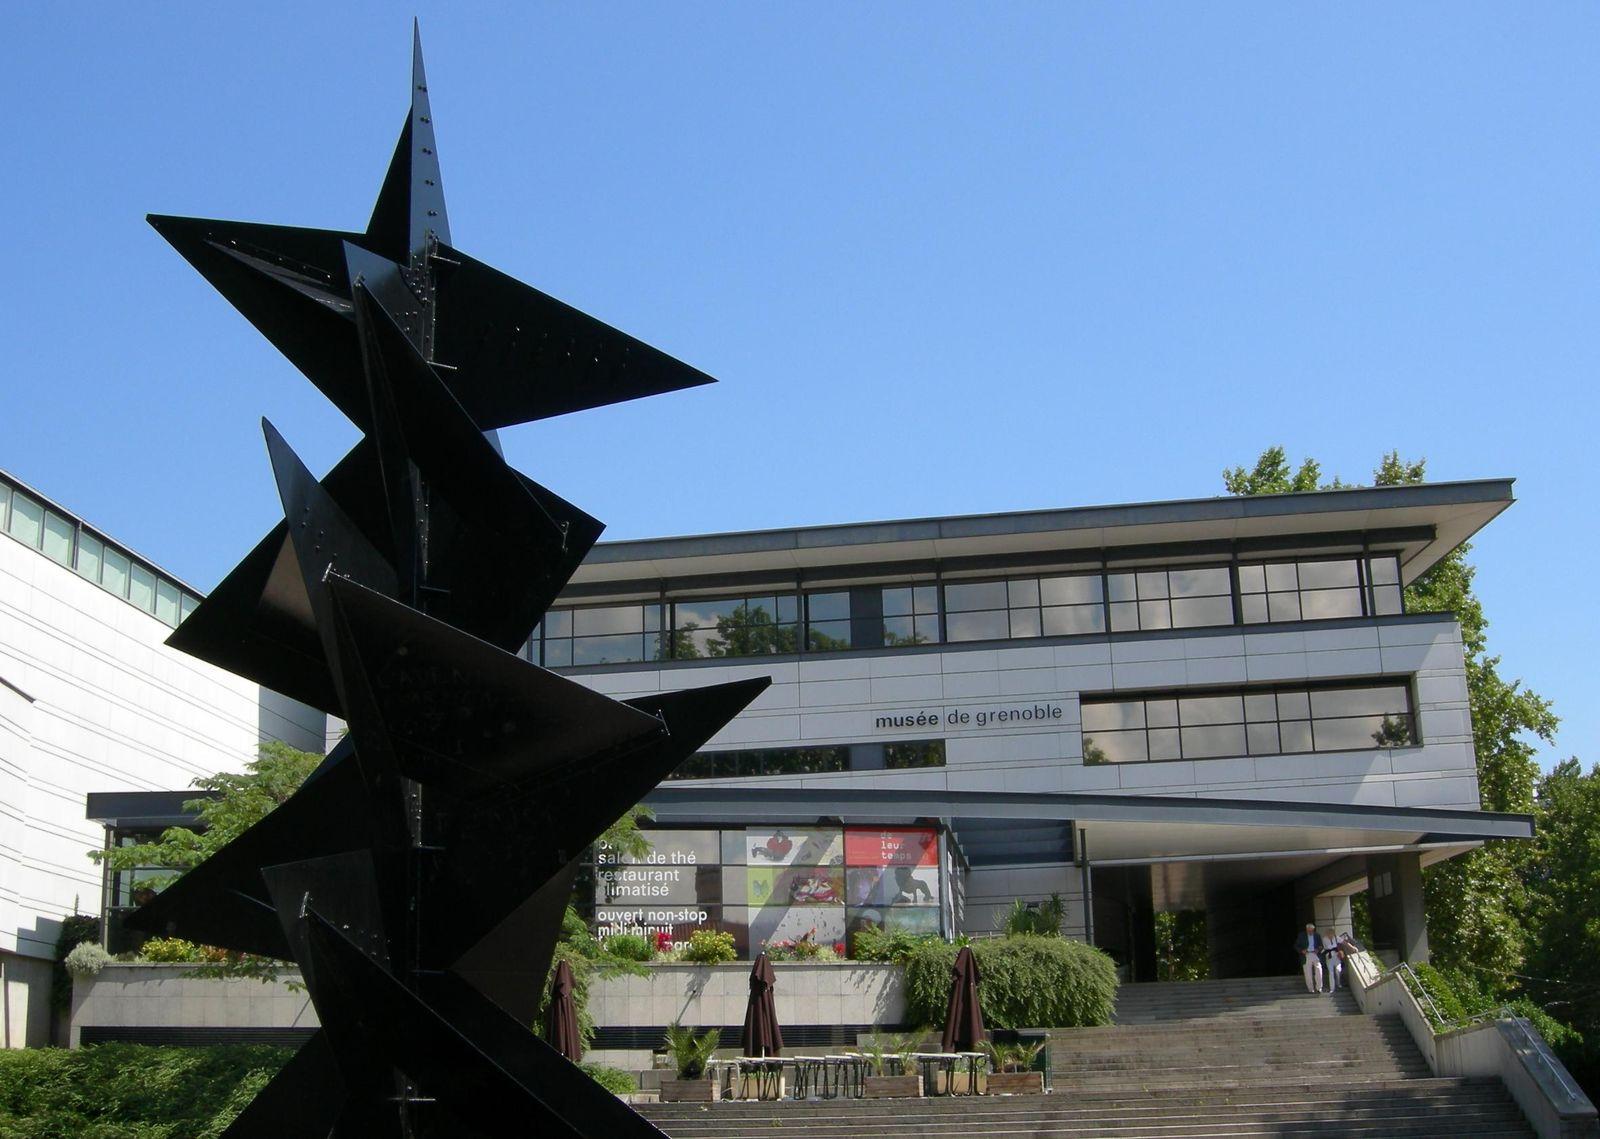 Musée de Grenoble - Journées européennes du patrimoine 2017